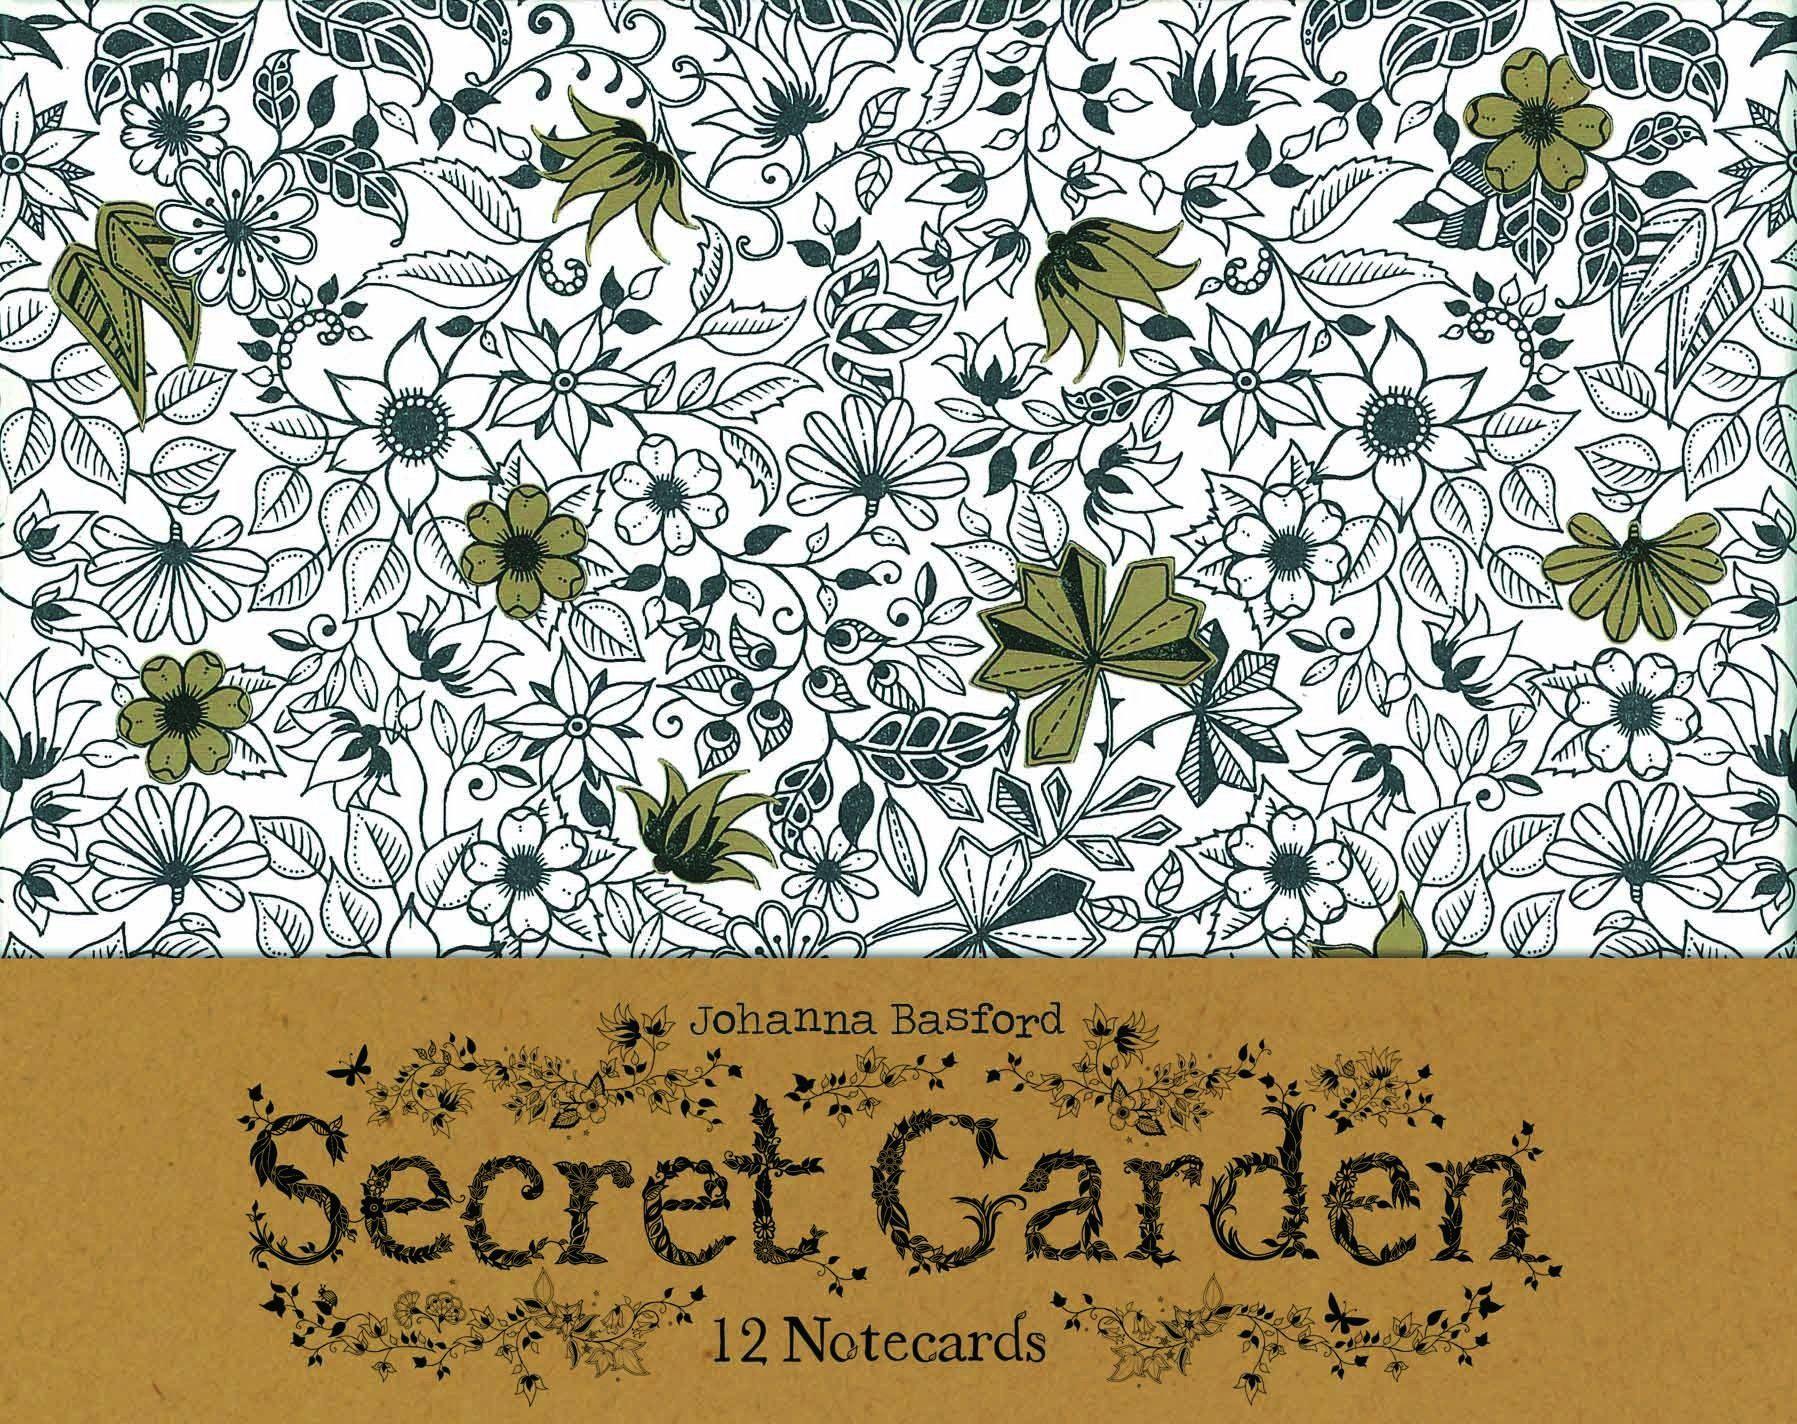 Secret Garden 12 Notecards Johanna Basford 9781856699471 Amazon Books